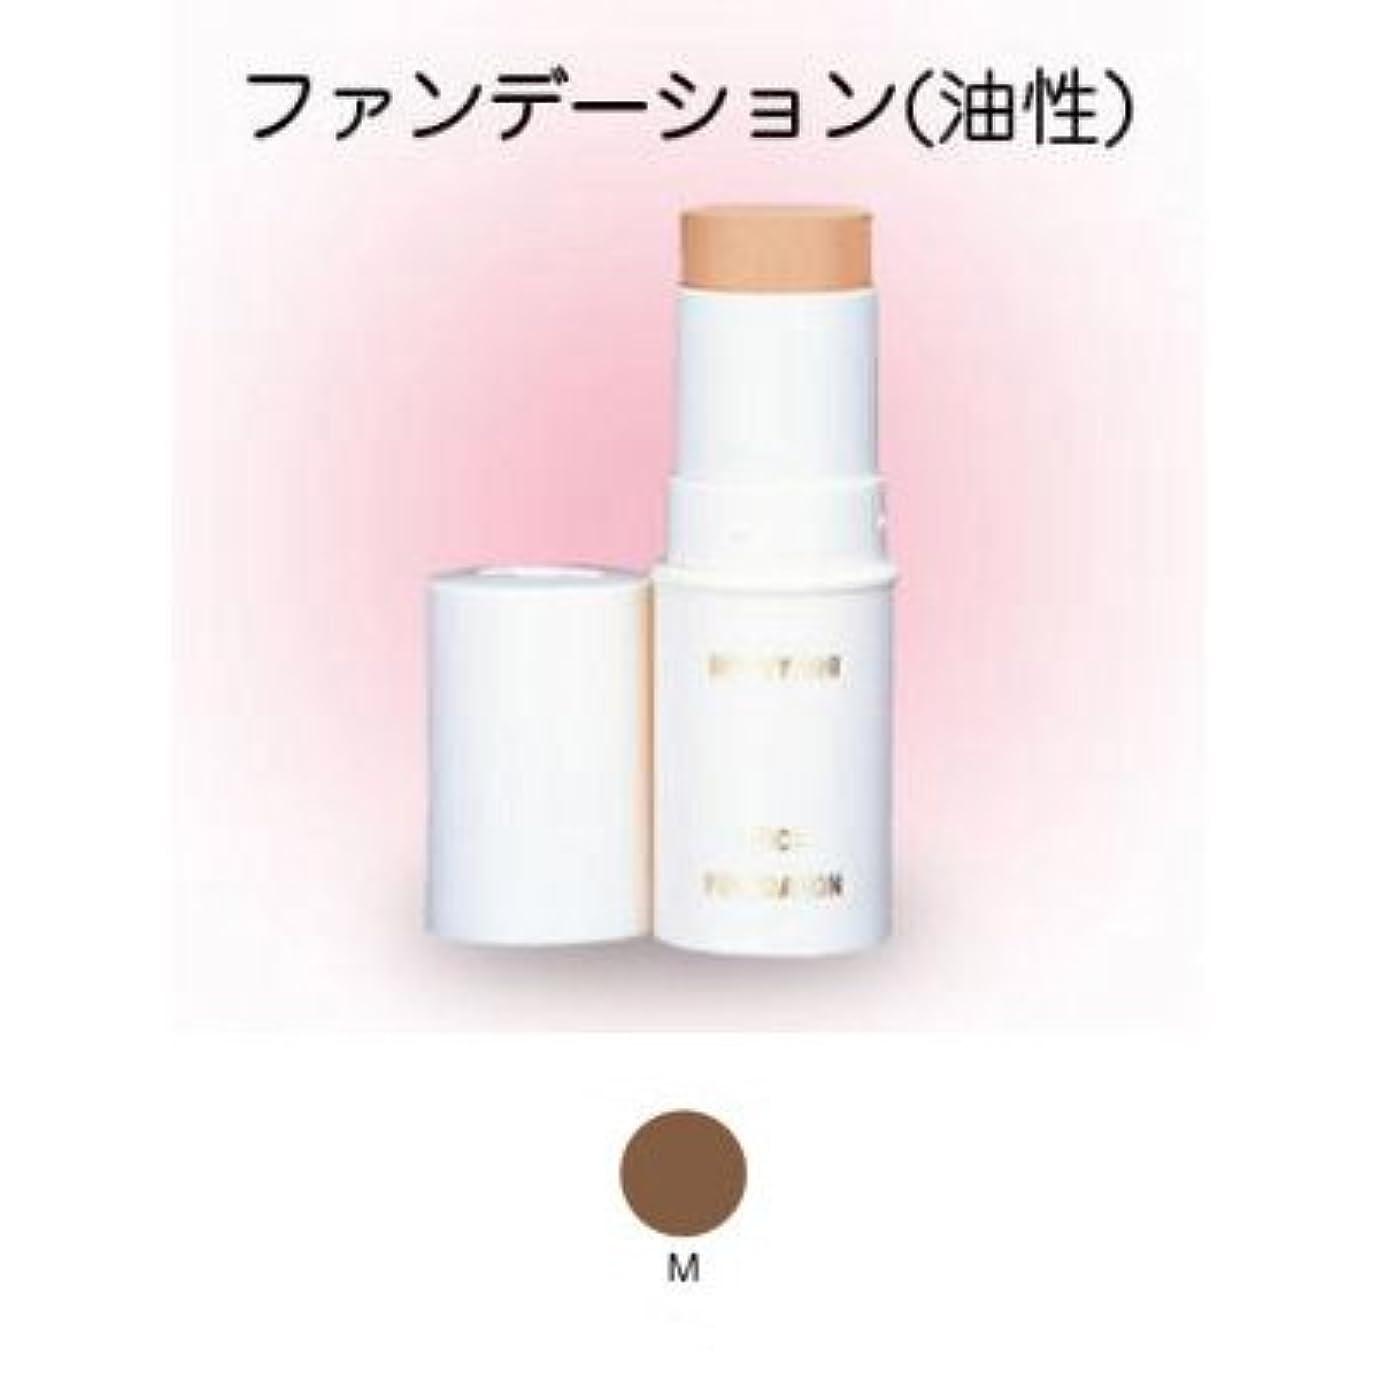 スティックファンデーション 16g M 【三善】